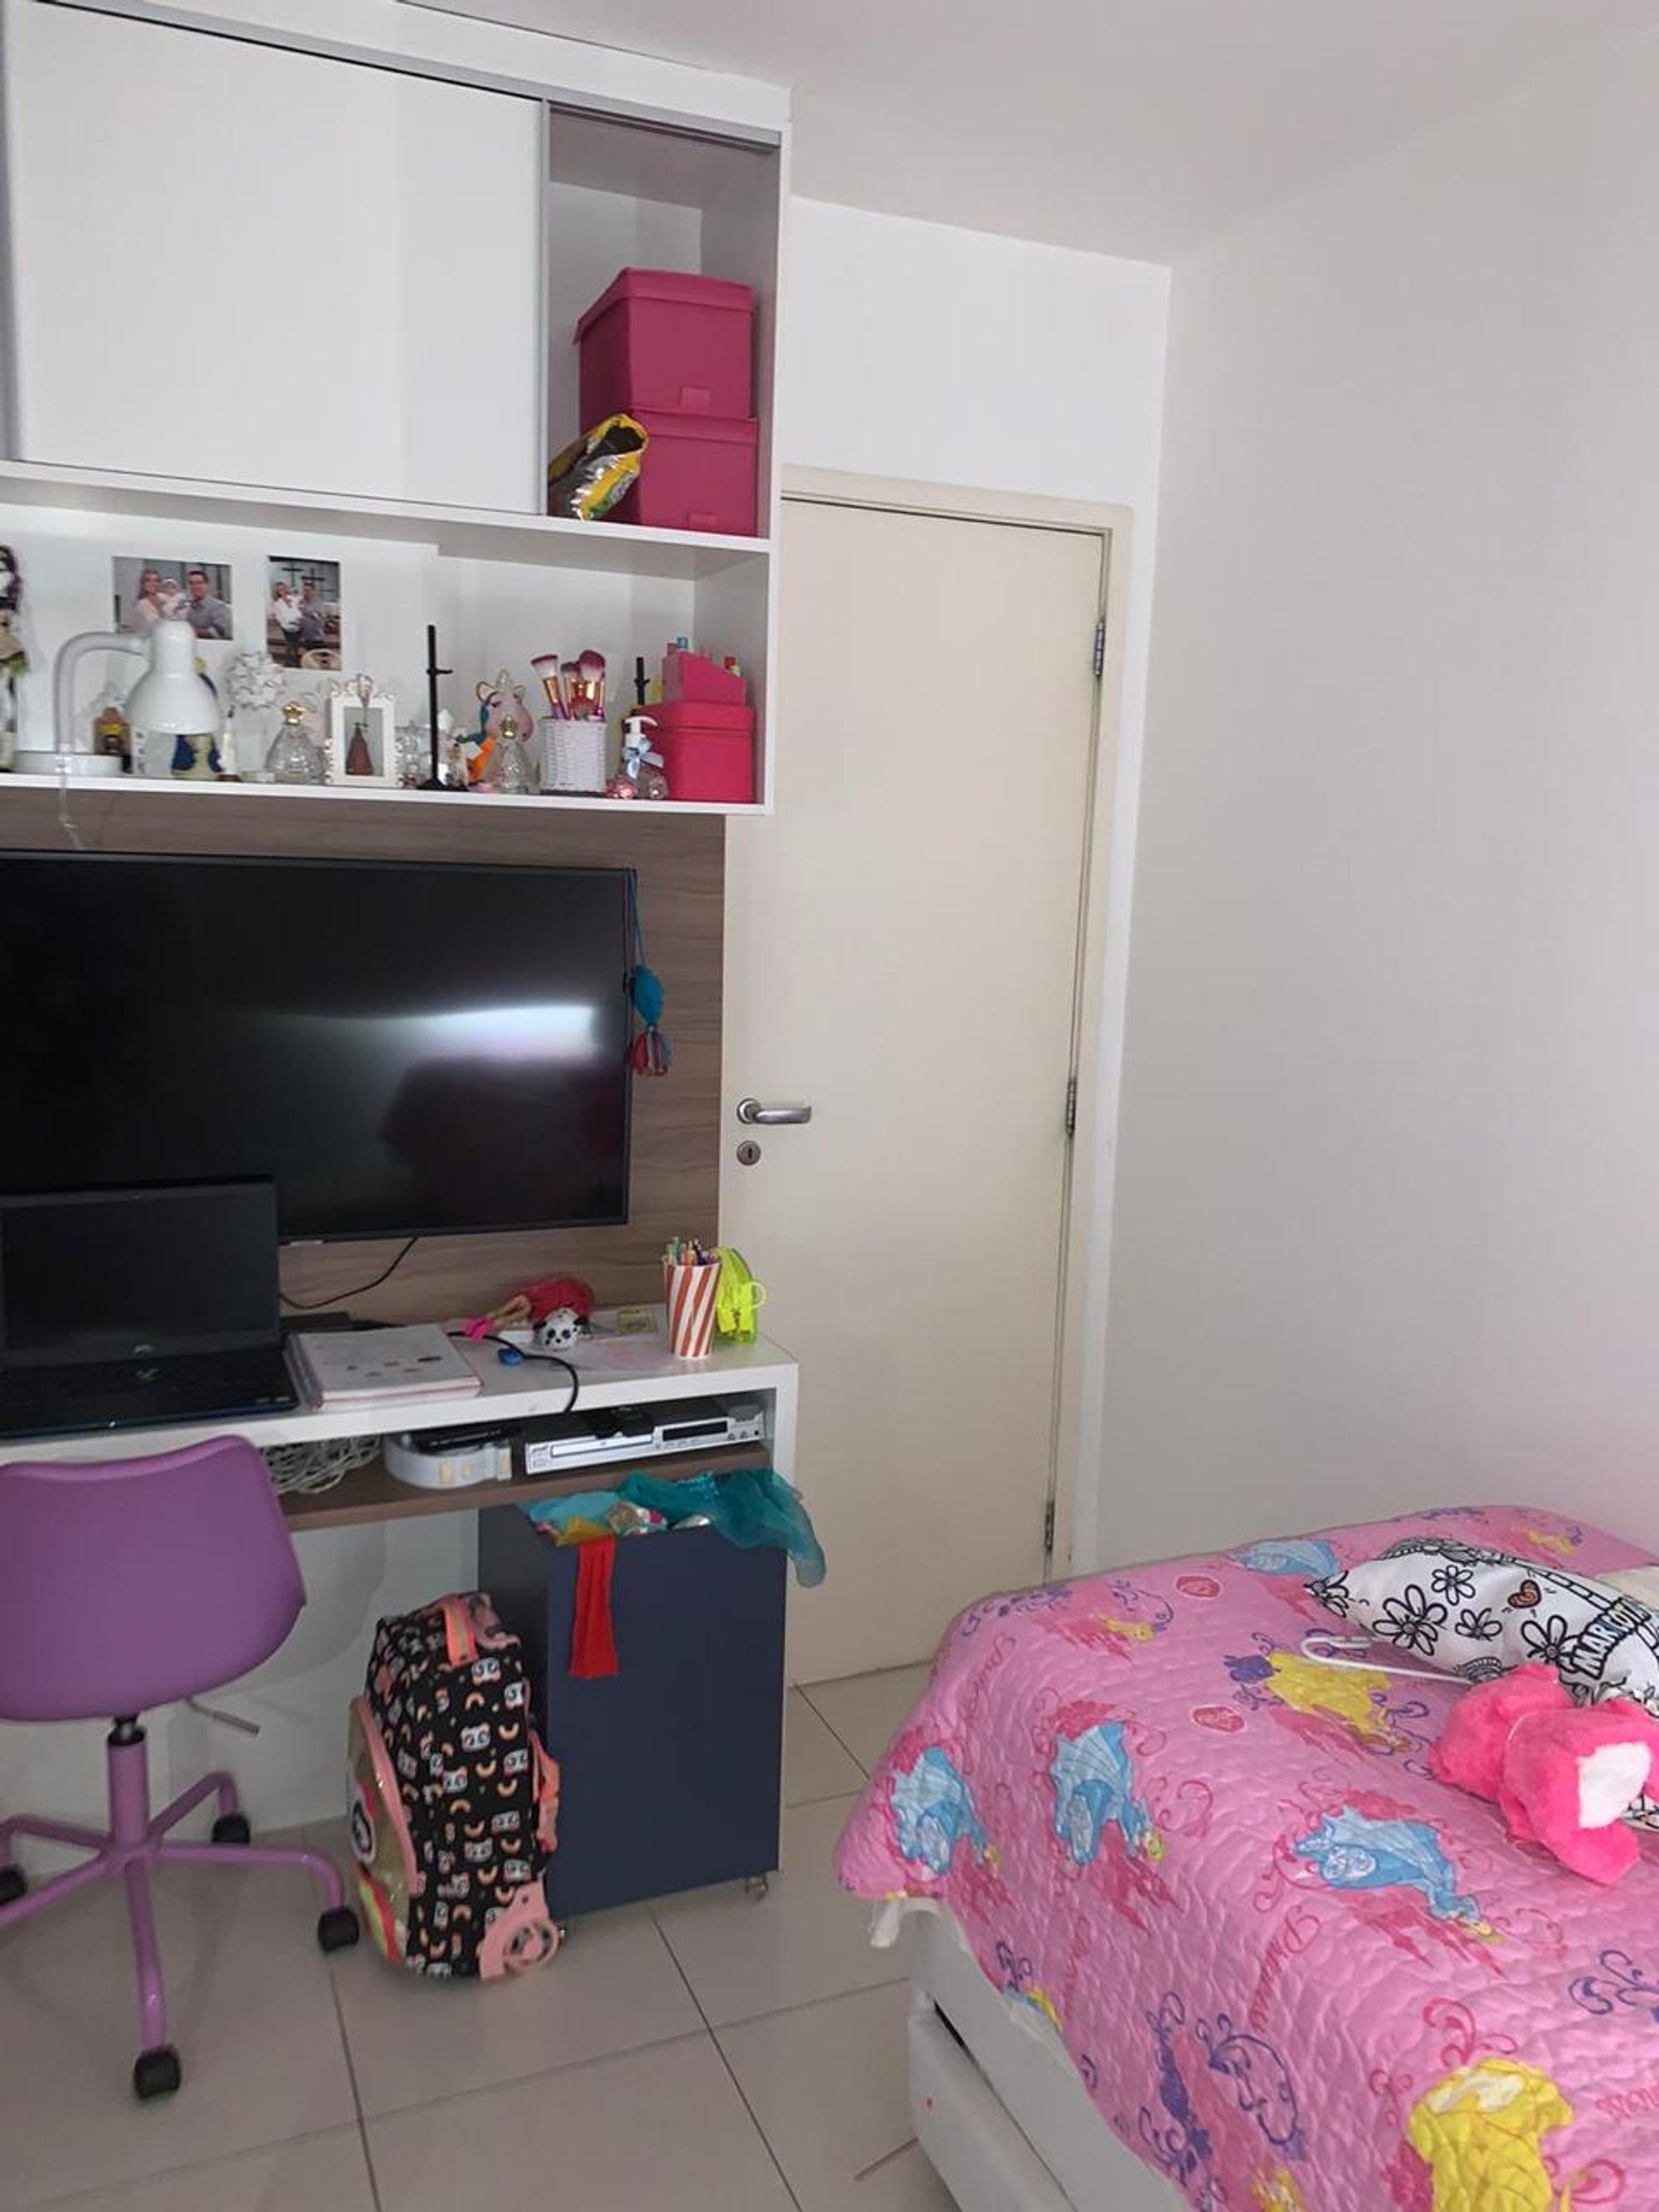 Foto de Quarto com cama, televisão, computador portátil, cadeira